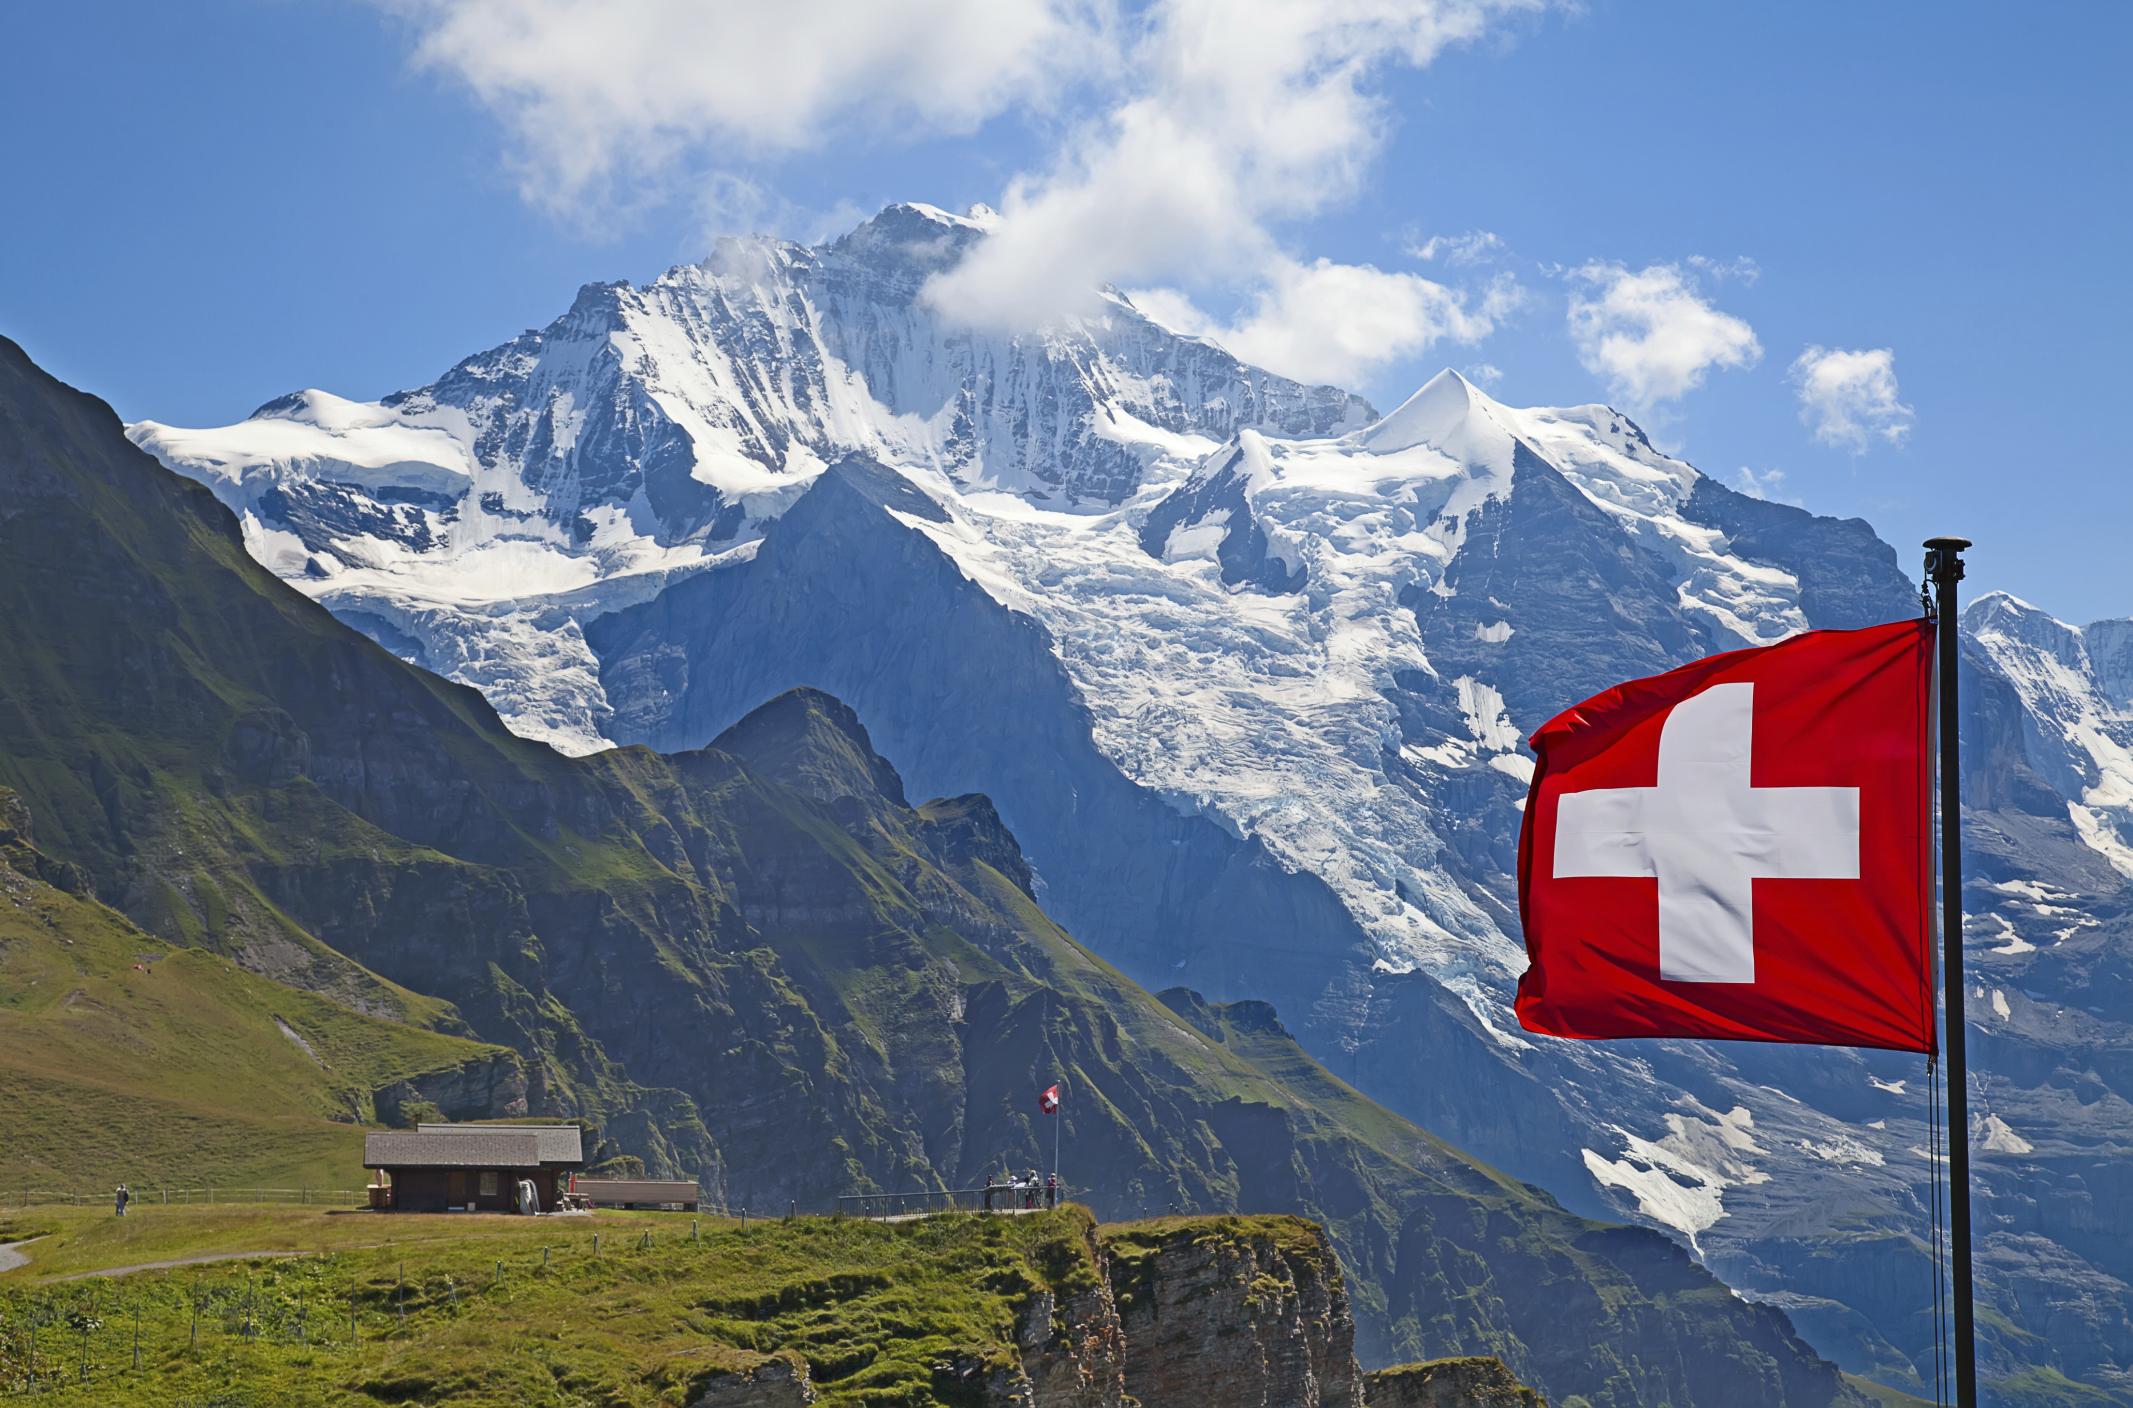 Turismo, Hoteles, Destinos, todo sobre el placer de viajar - Página 2 Swiss-jungfrau-177059346